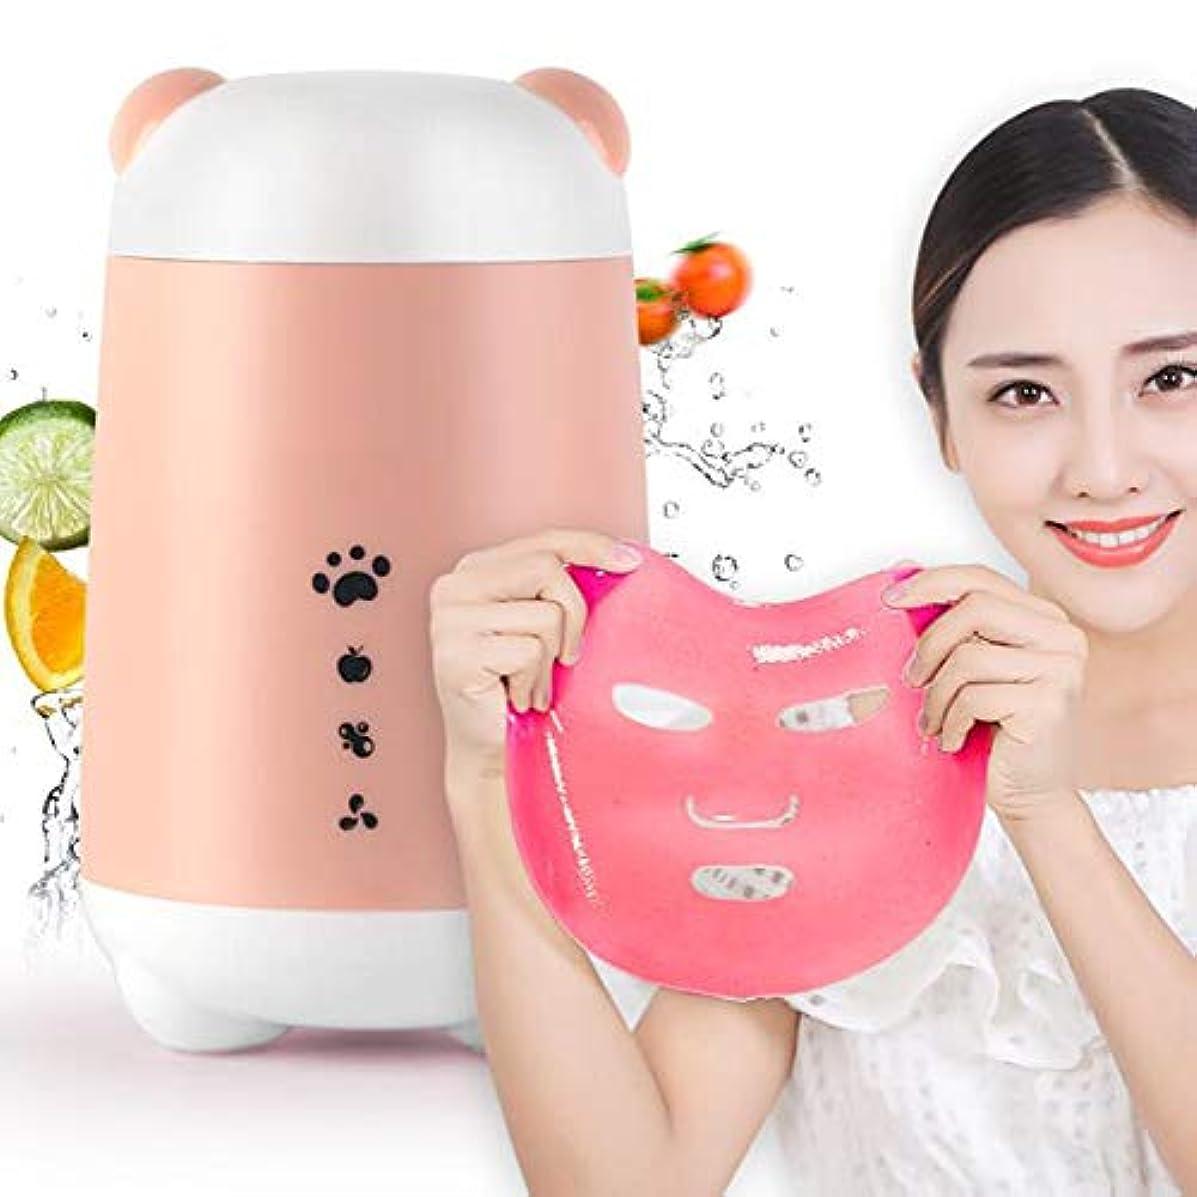 トレード運命的な徹底フルーツと野菜のマスクを作るマシン、顔のスチーマー完全自動音声プロンプトDIY自家製の自然美容機器,Pink